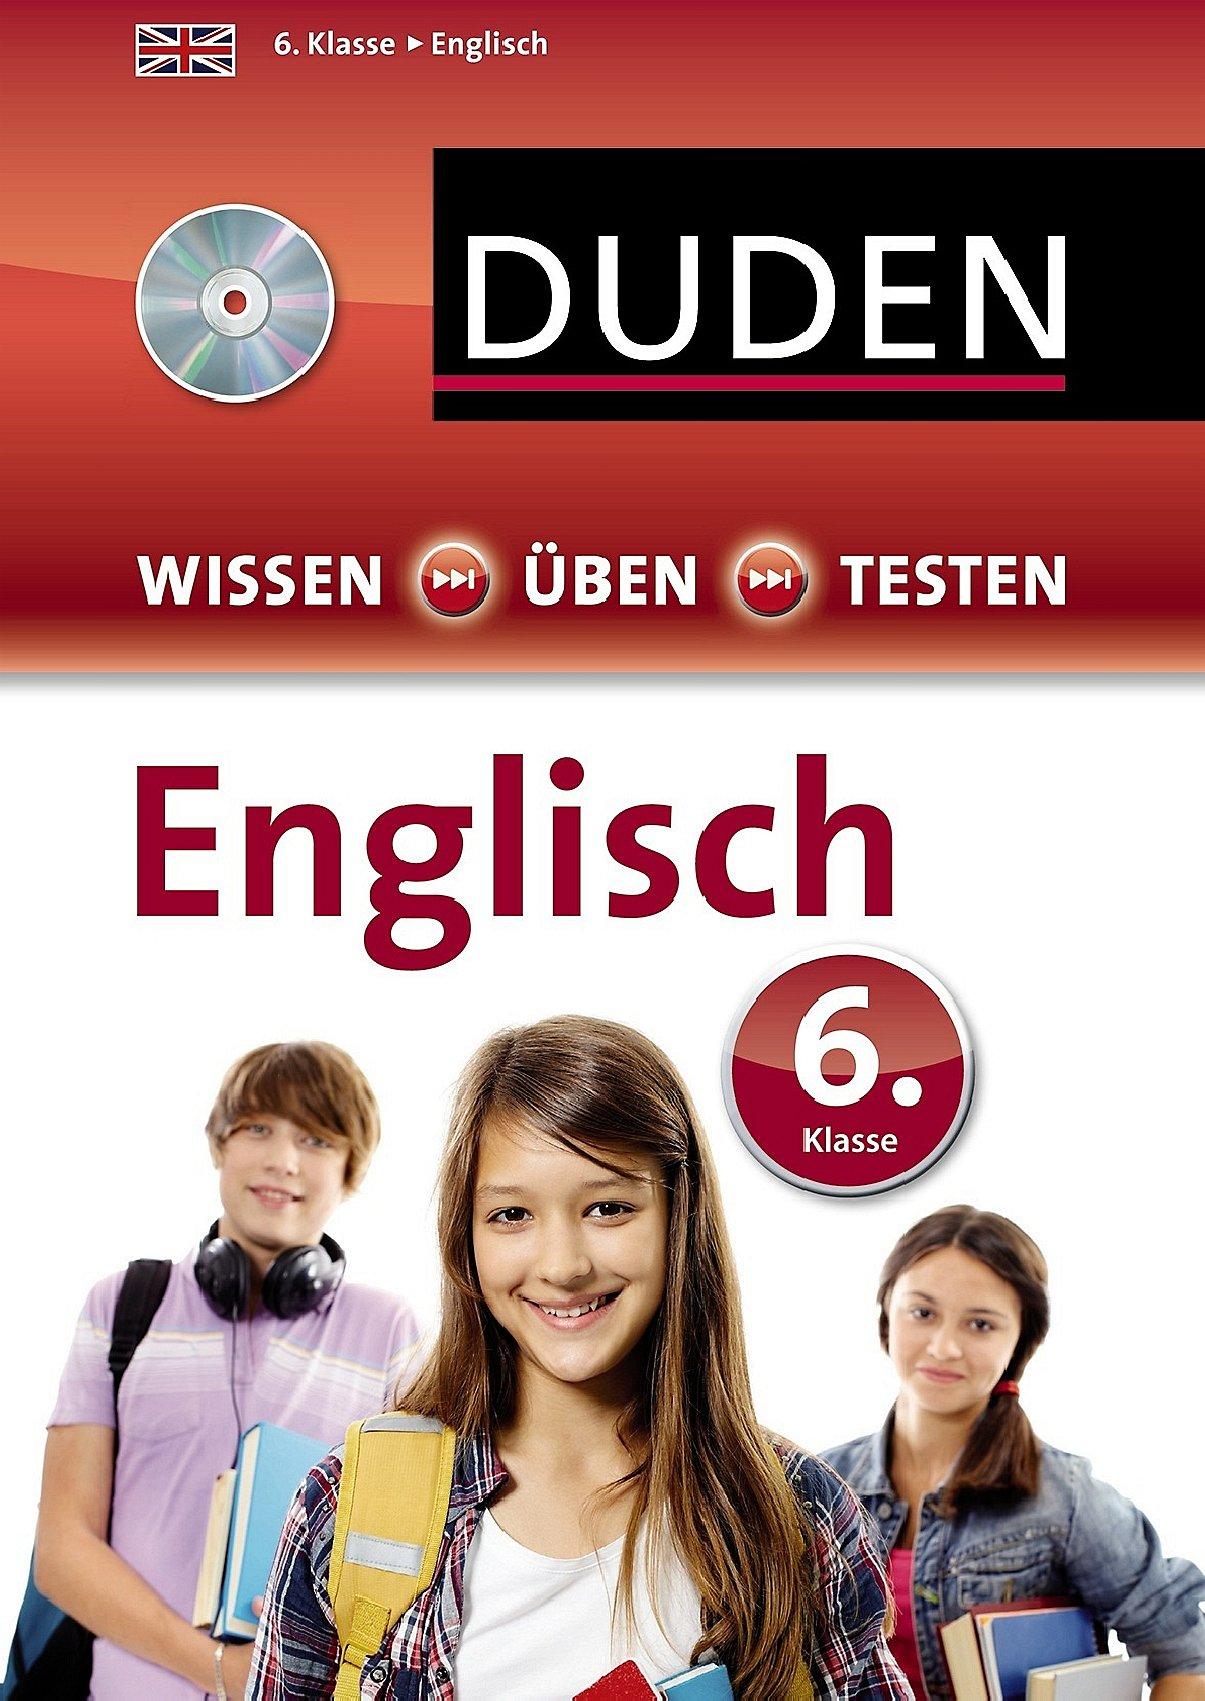 Wessen Englisch